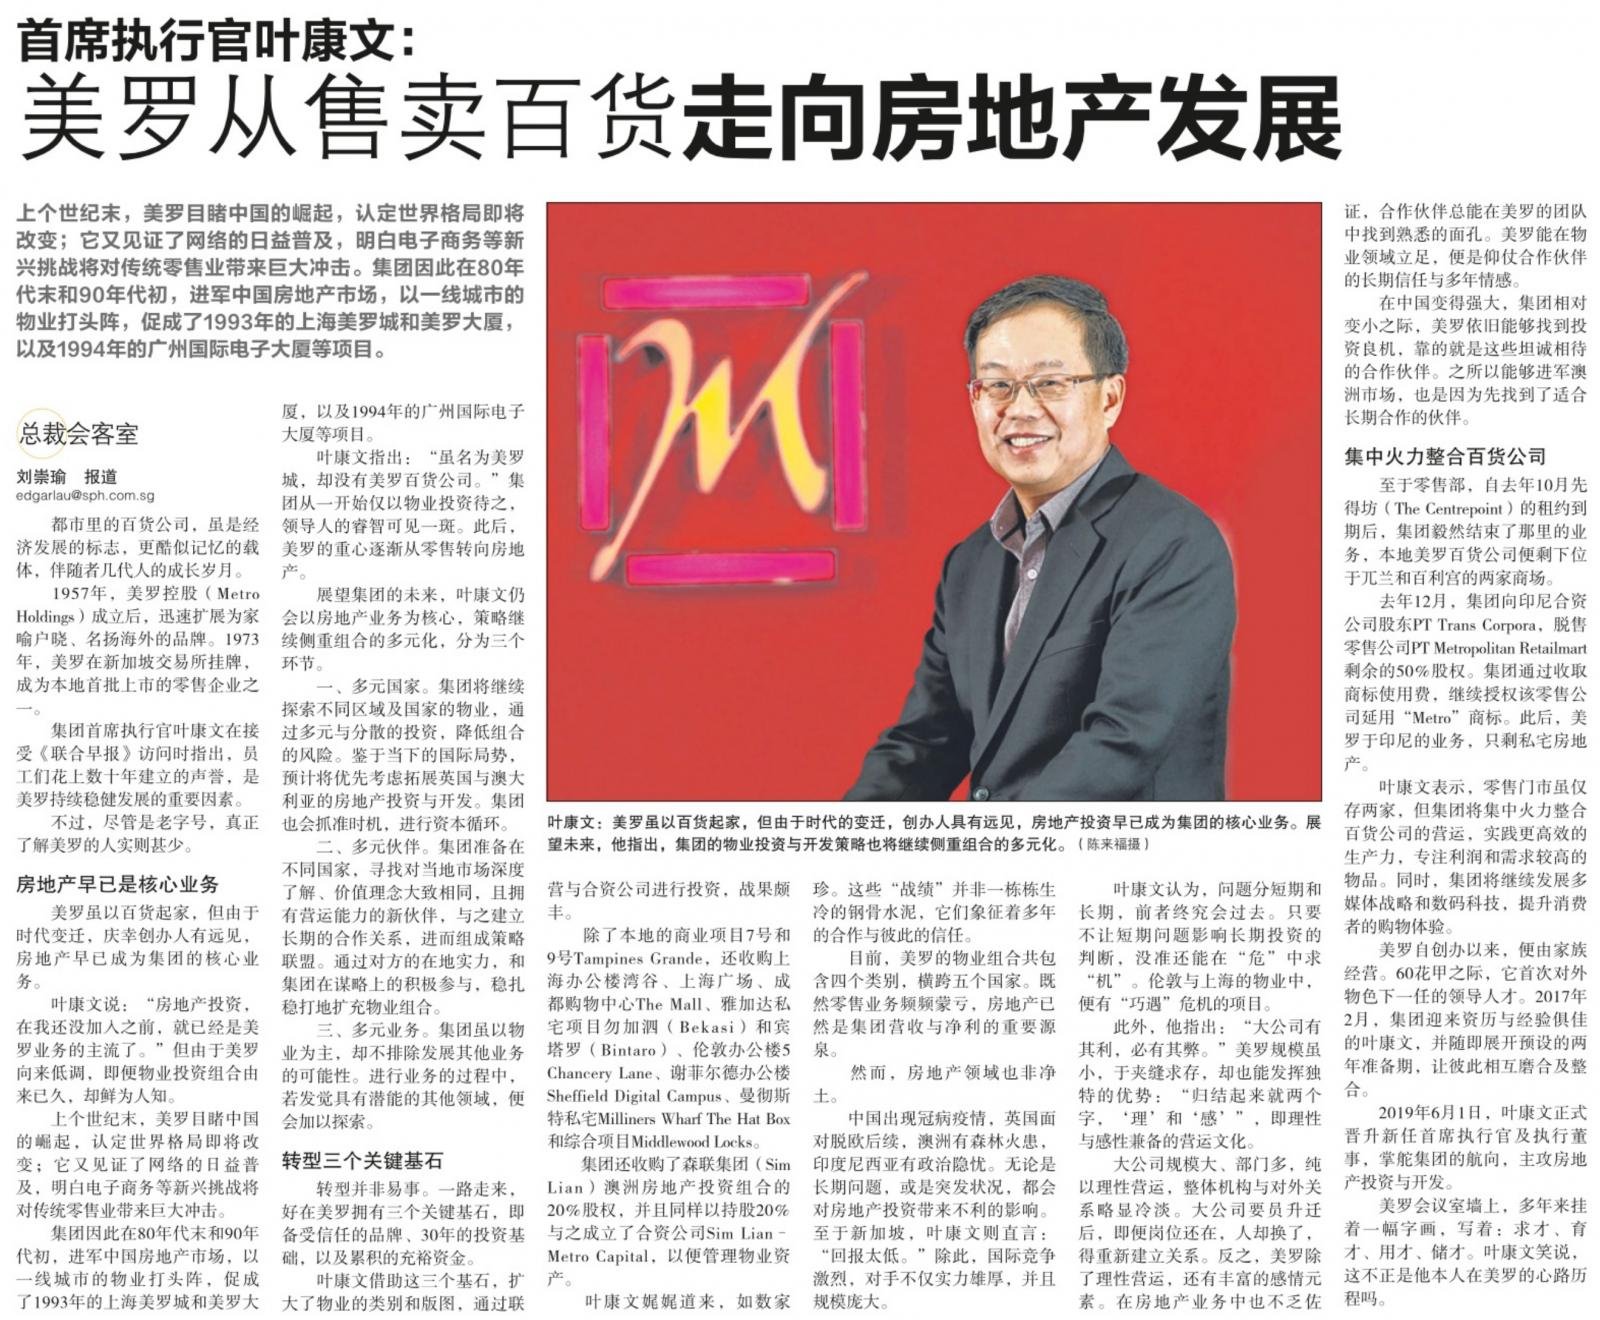 首席执行官叶康文:美罗从售卖百货走向房地产发展.jpg